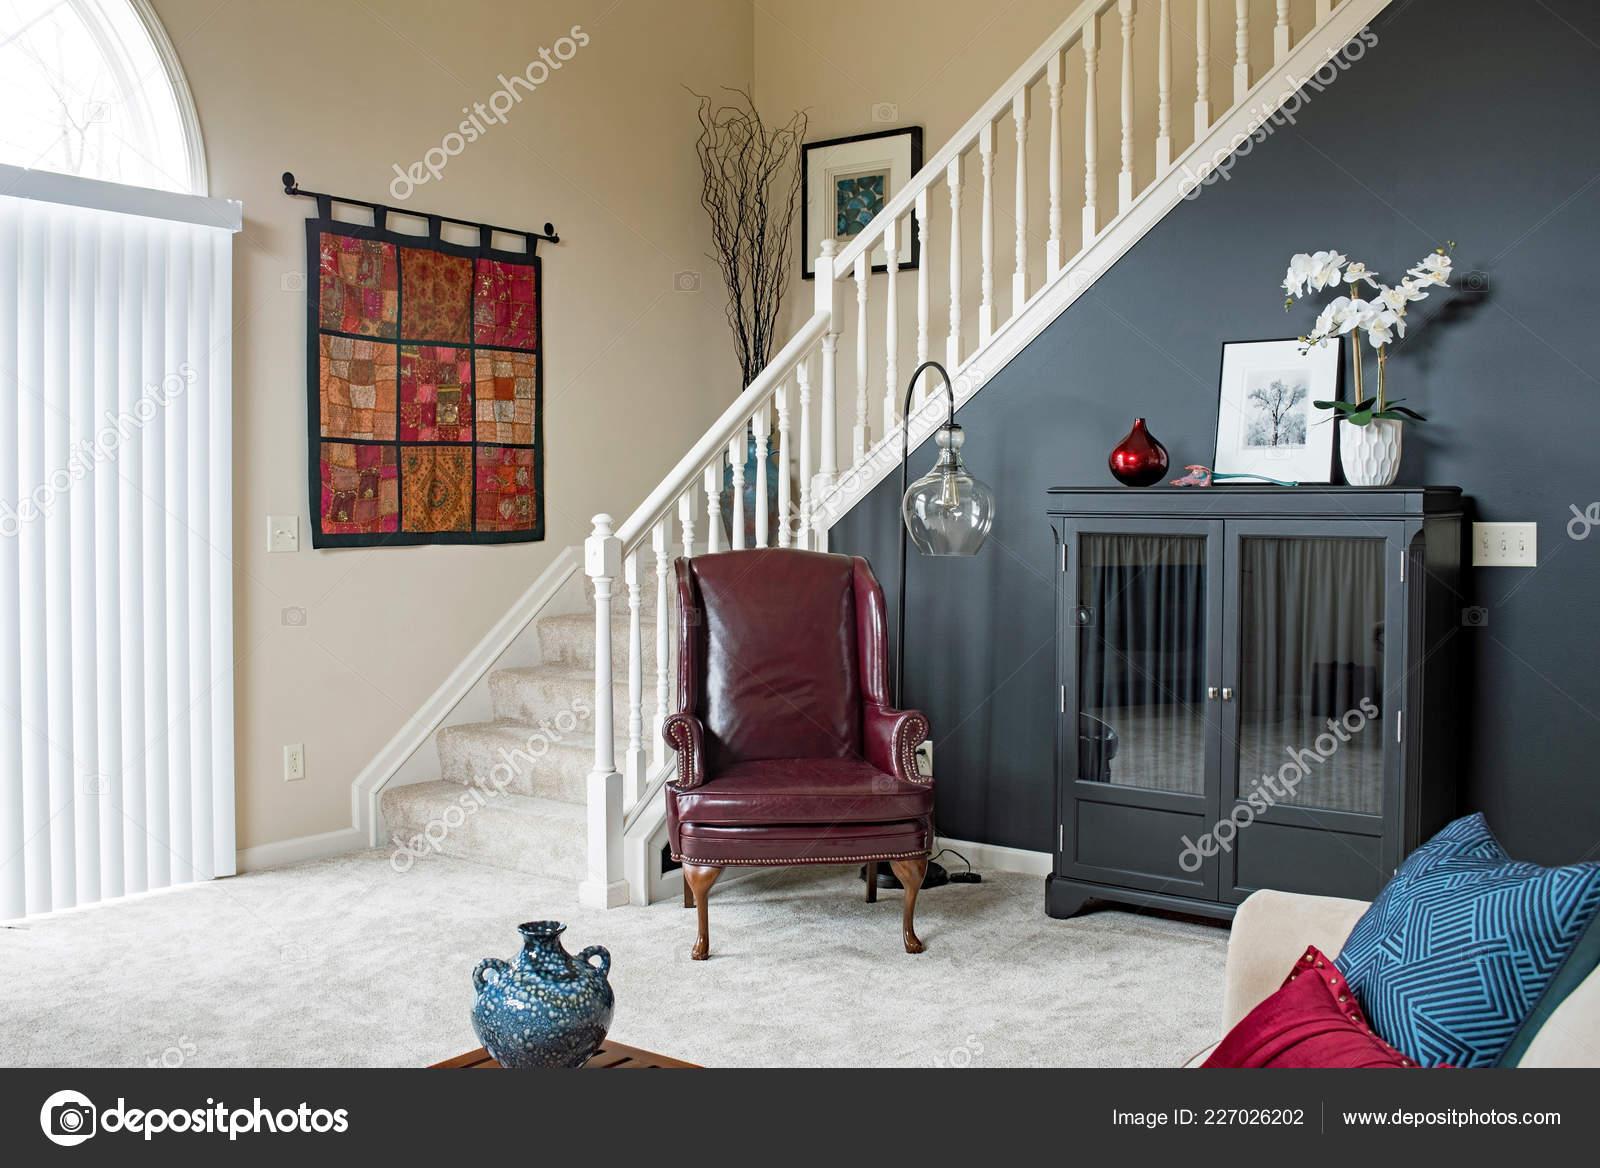 Wohnzimmer Treppe Mit Schwarzem Akzent Wand — Stockfoto ...